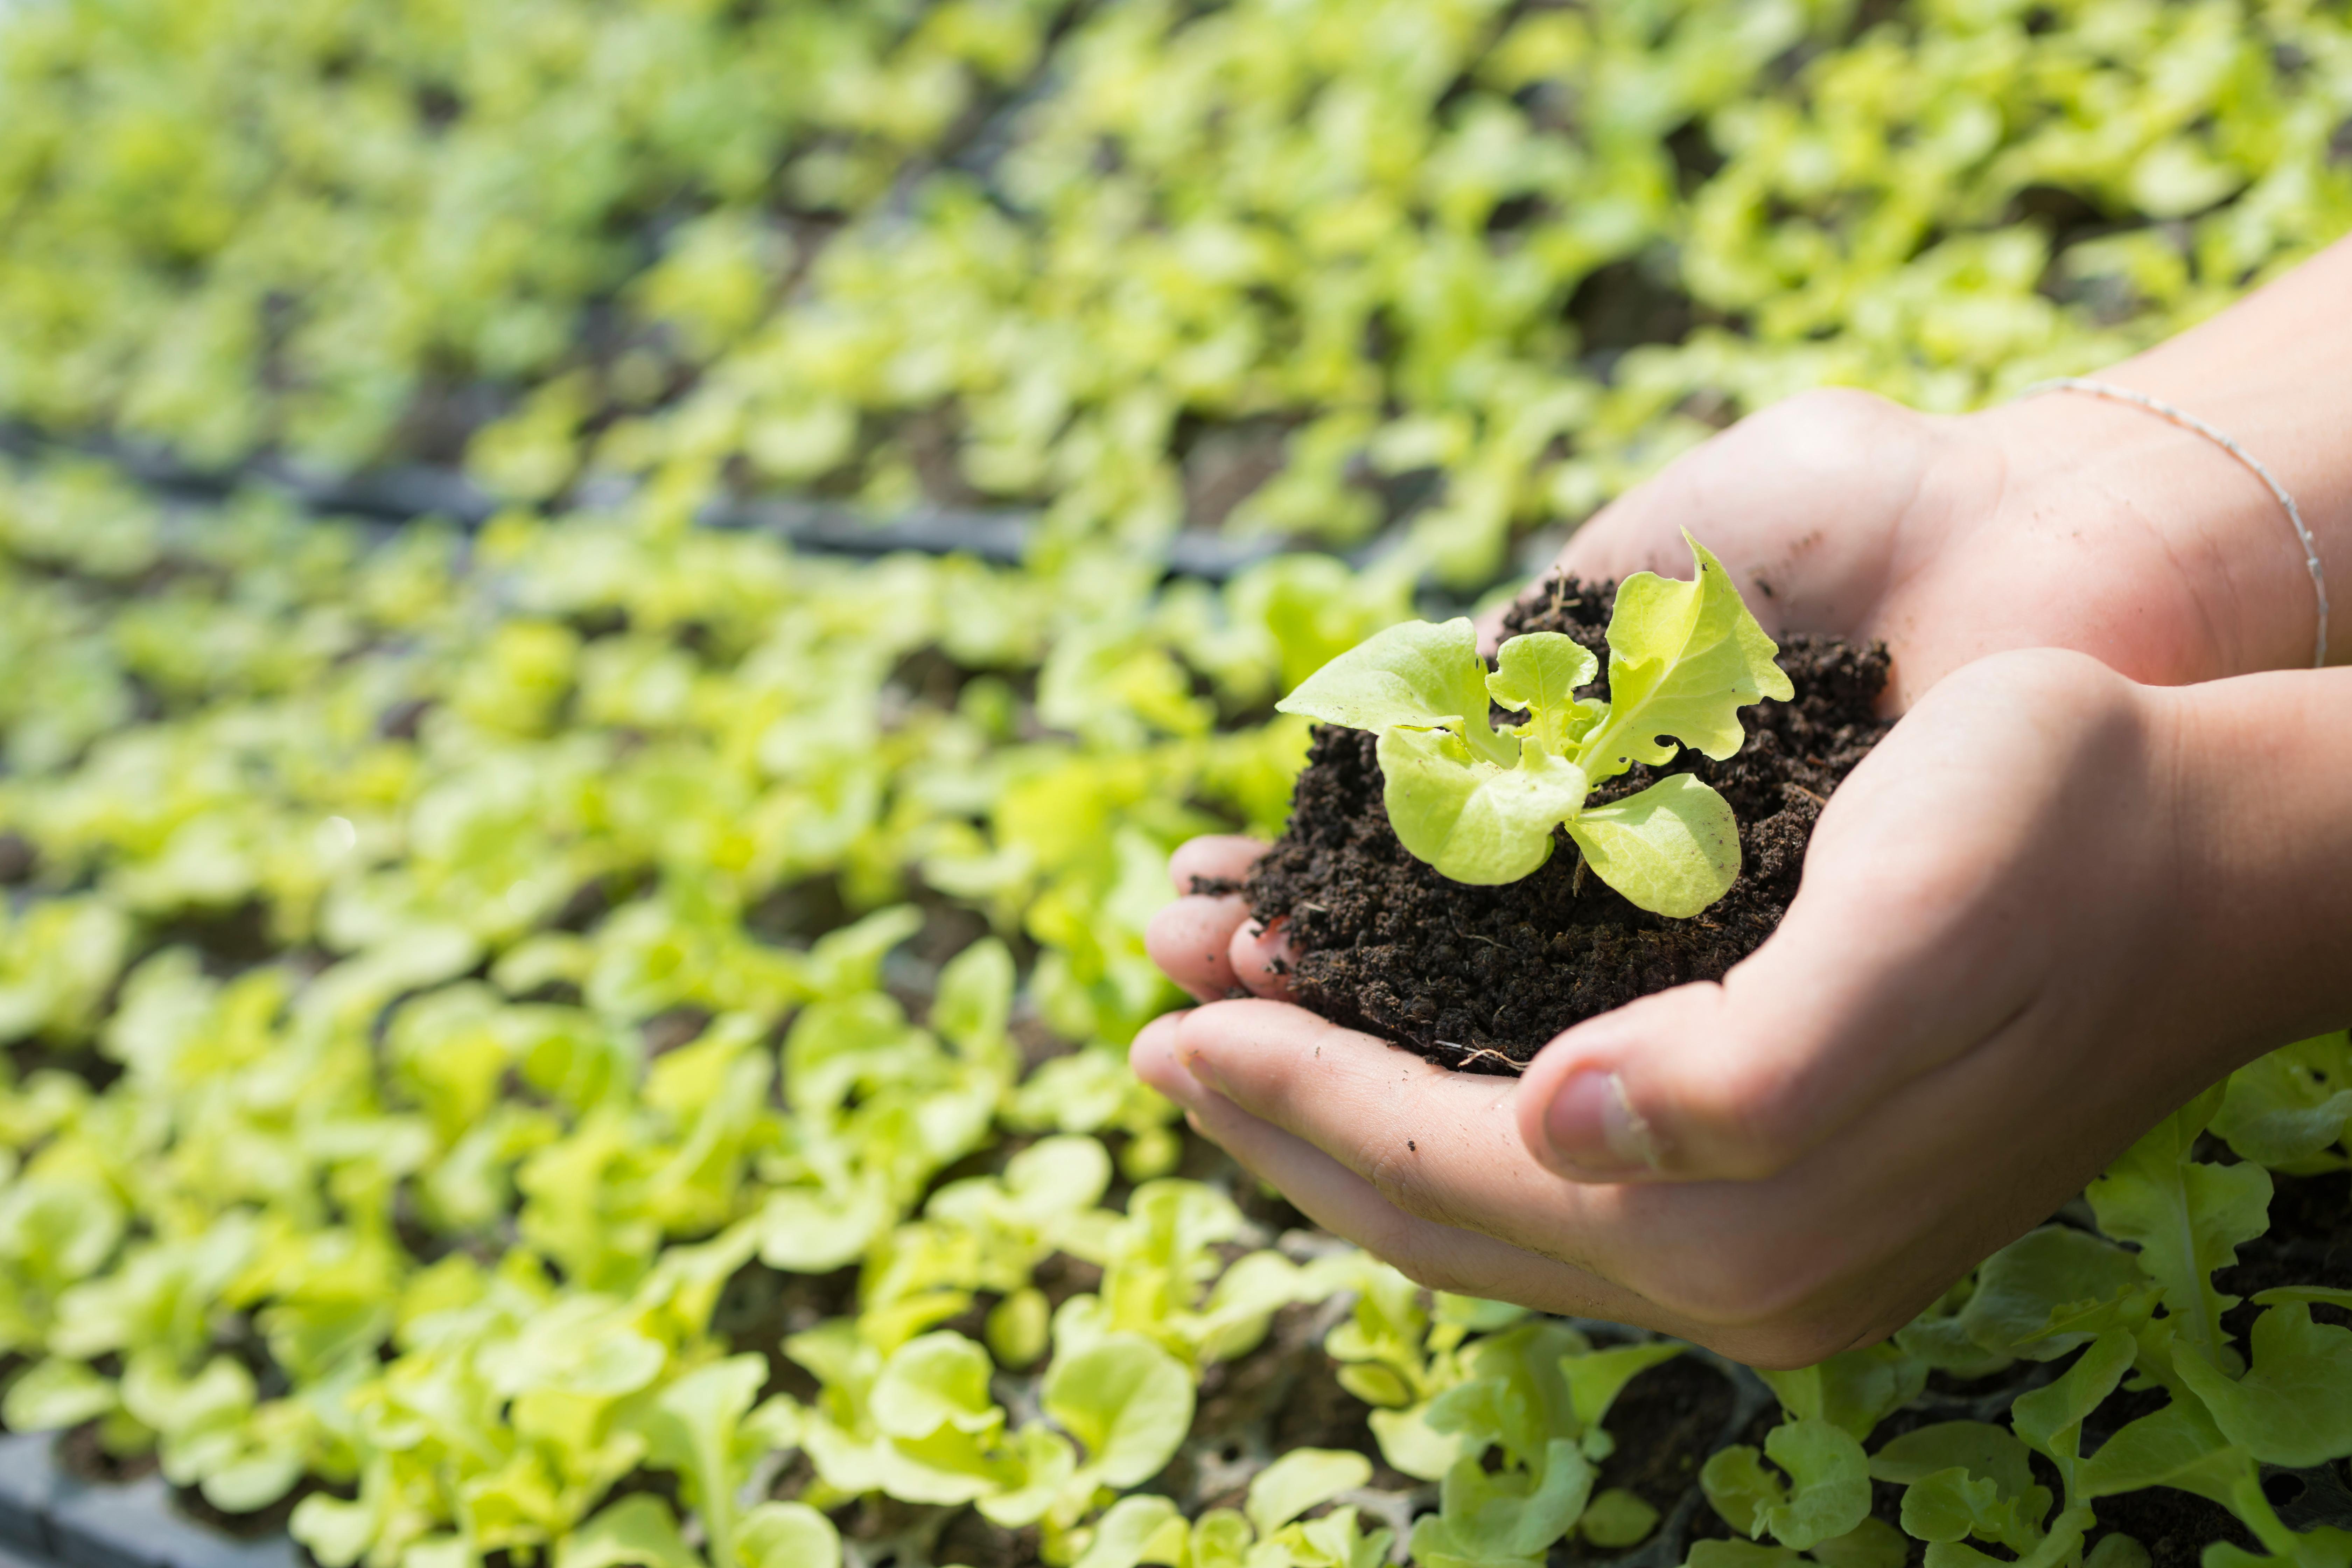 shutterstock_1243973587 - Seedlings.jpg